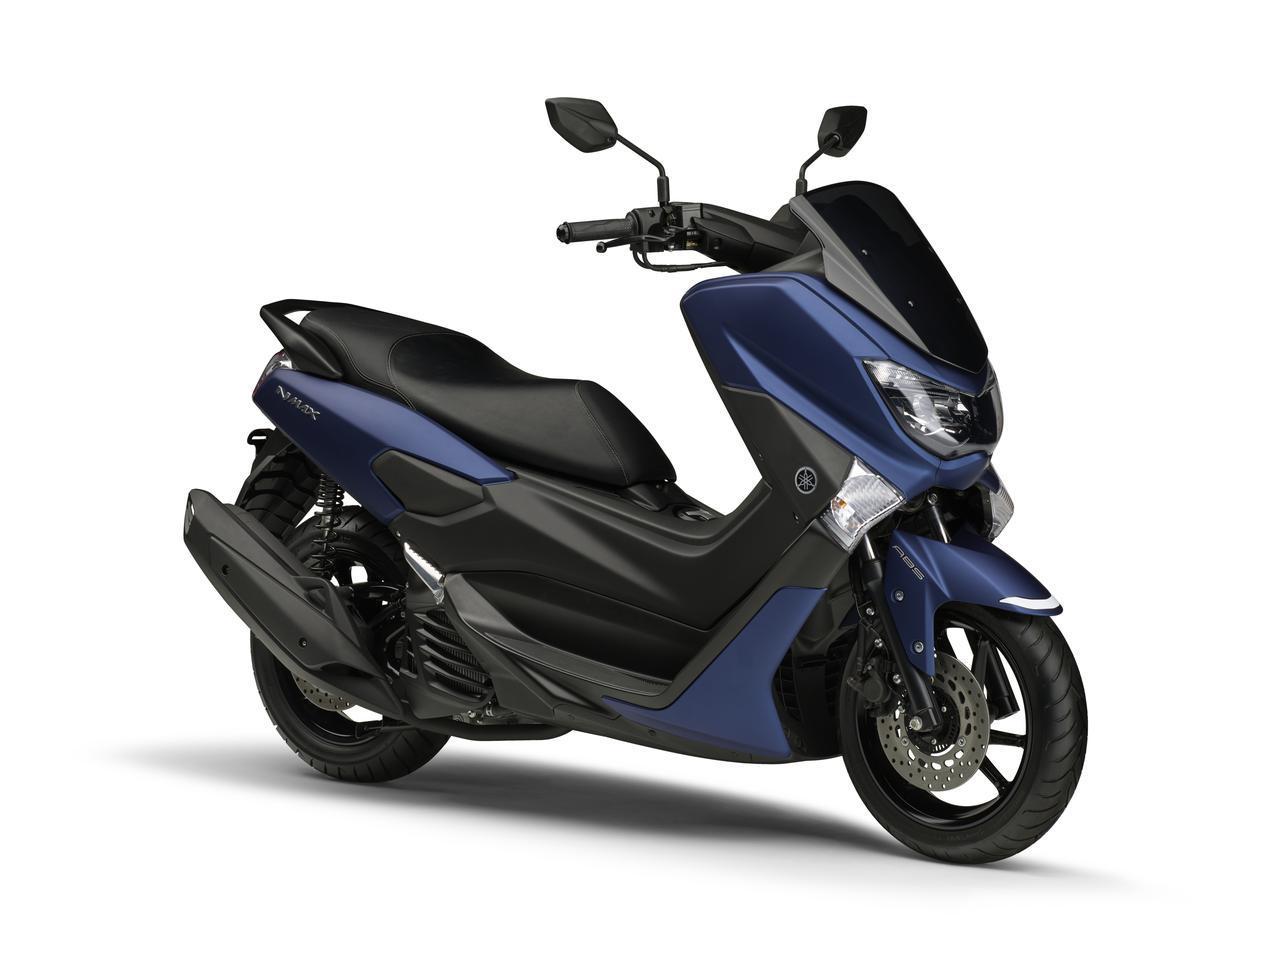 画像2: ヤマハの原付二種「NMAX ABS」2020年モデル情報|新色が4月25日に発売!【価格・発売日・カラー・スペック】